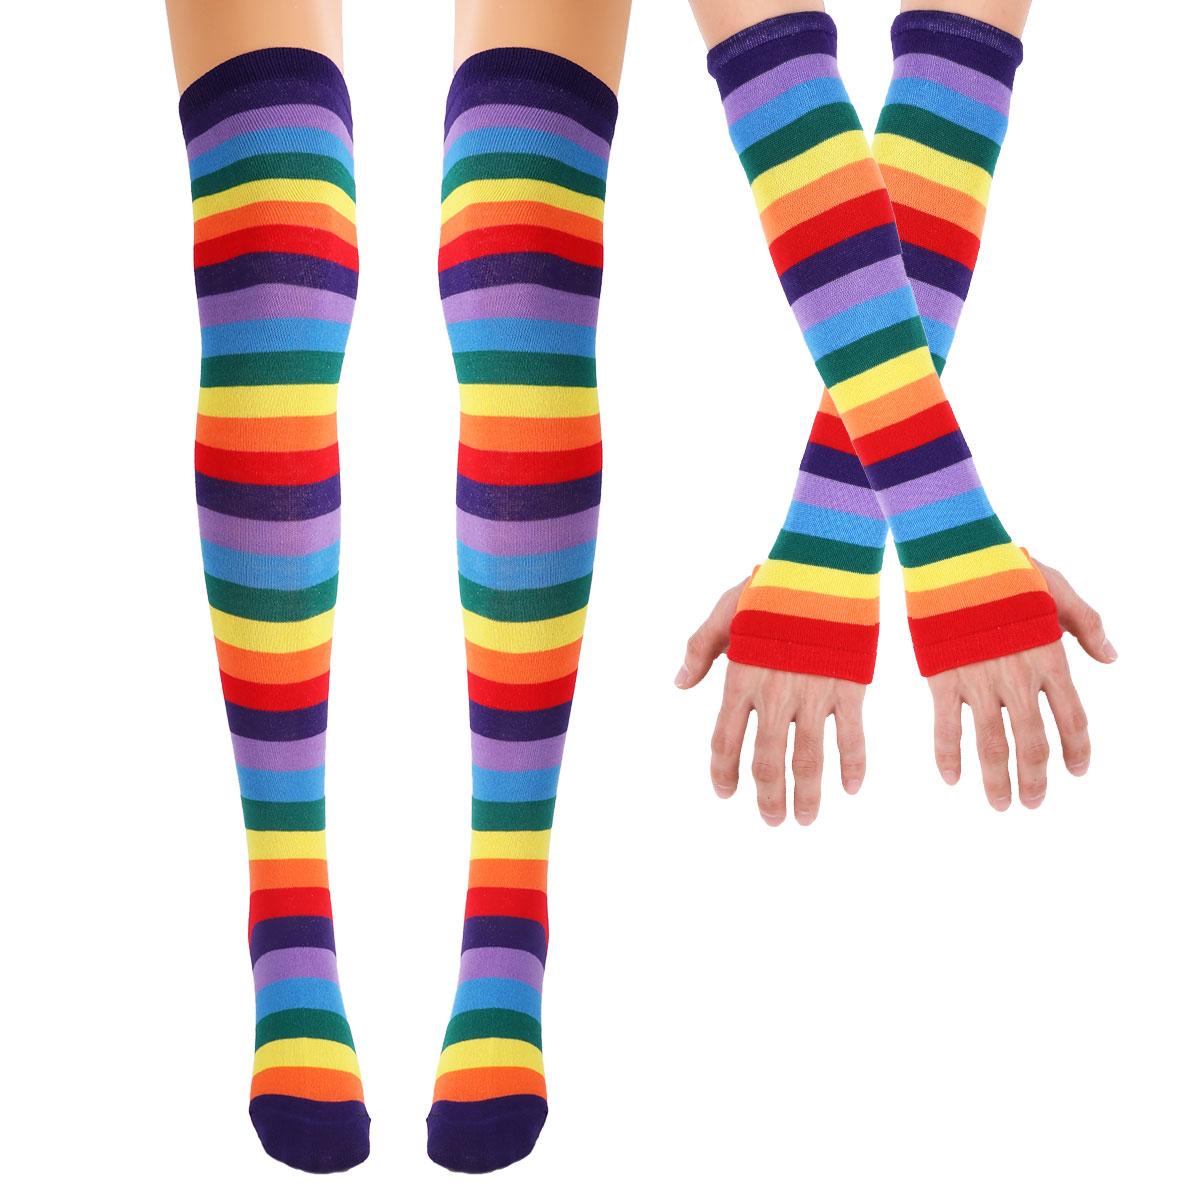 Женские цветные радужные Полосатые чулки до колена, гетры, теплые перчатки, костюм на Хэллоуин, вечерние, для костюмированной вечеринки